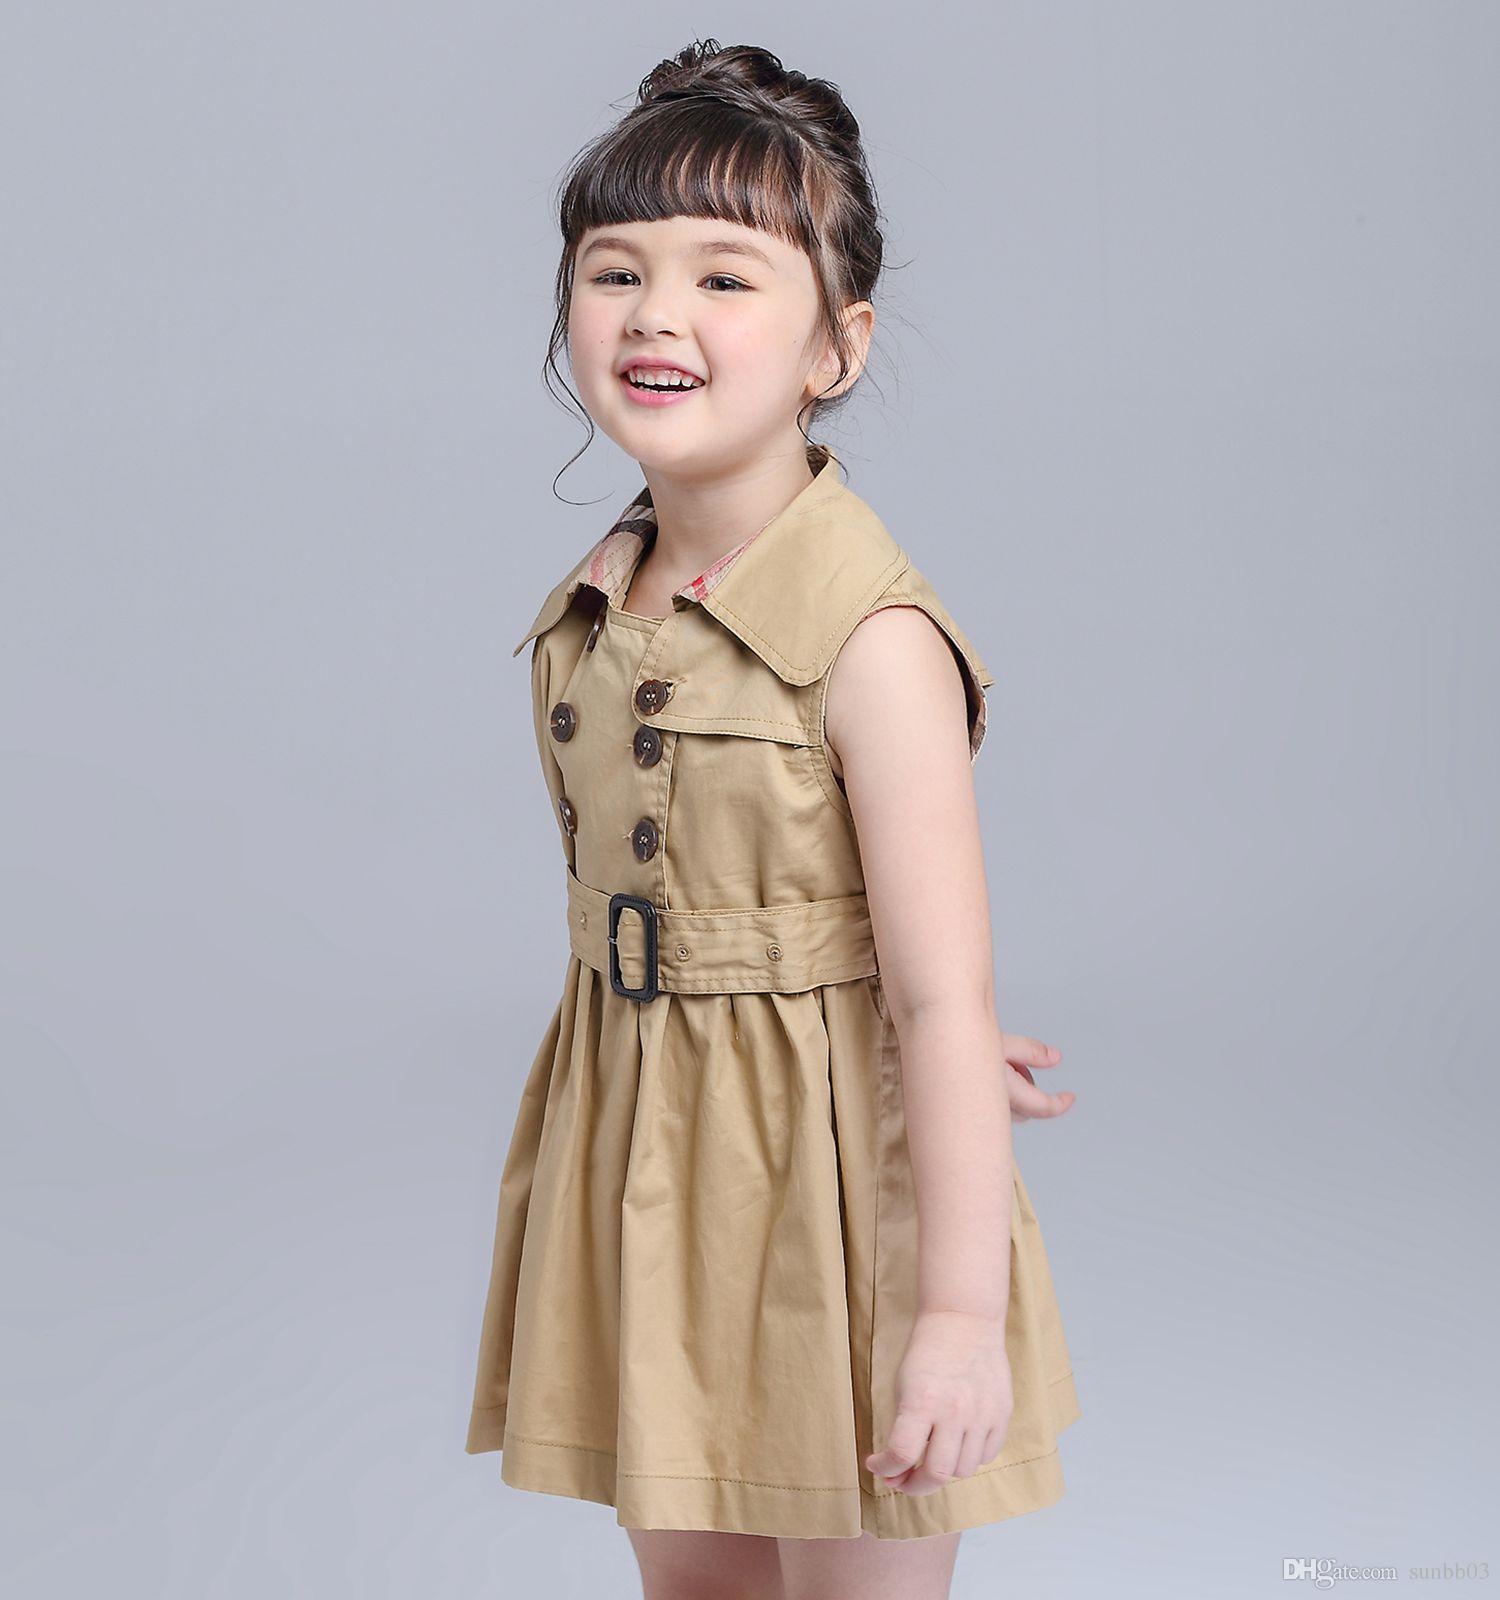 Nuova Primavera Estate Le ragazze vestono in doppio petto maniche Vest Dress Europa modo scherza la principessa dei bambini ha pieghettato i vestiti con la cinghia 10802